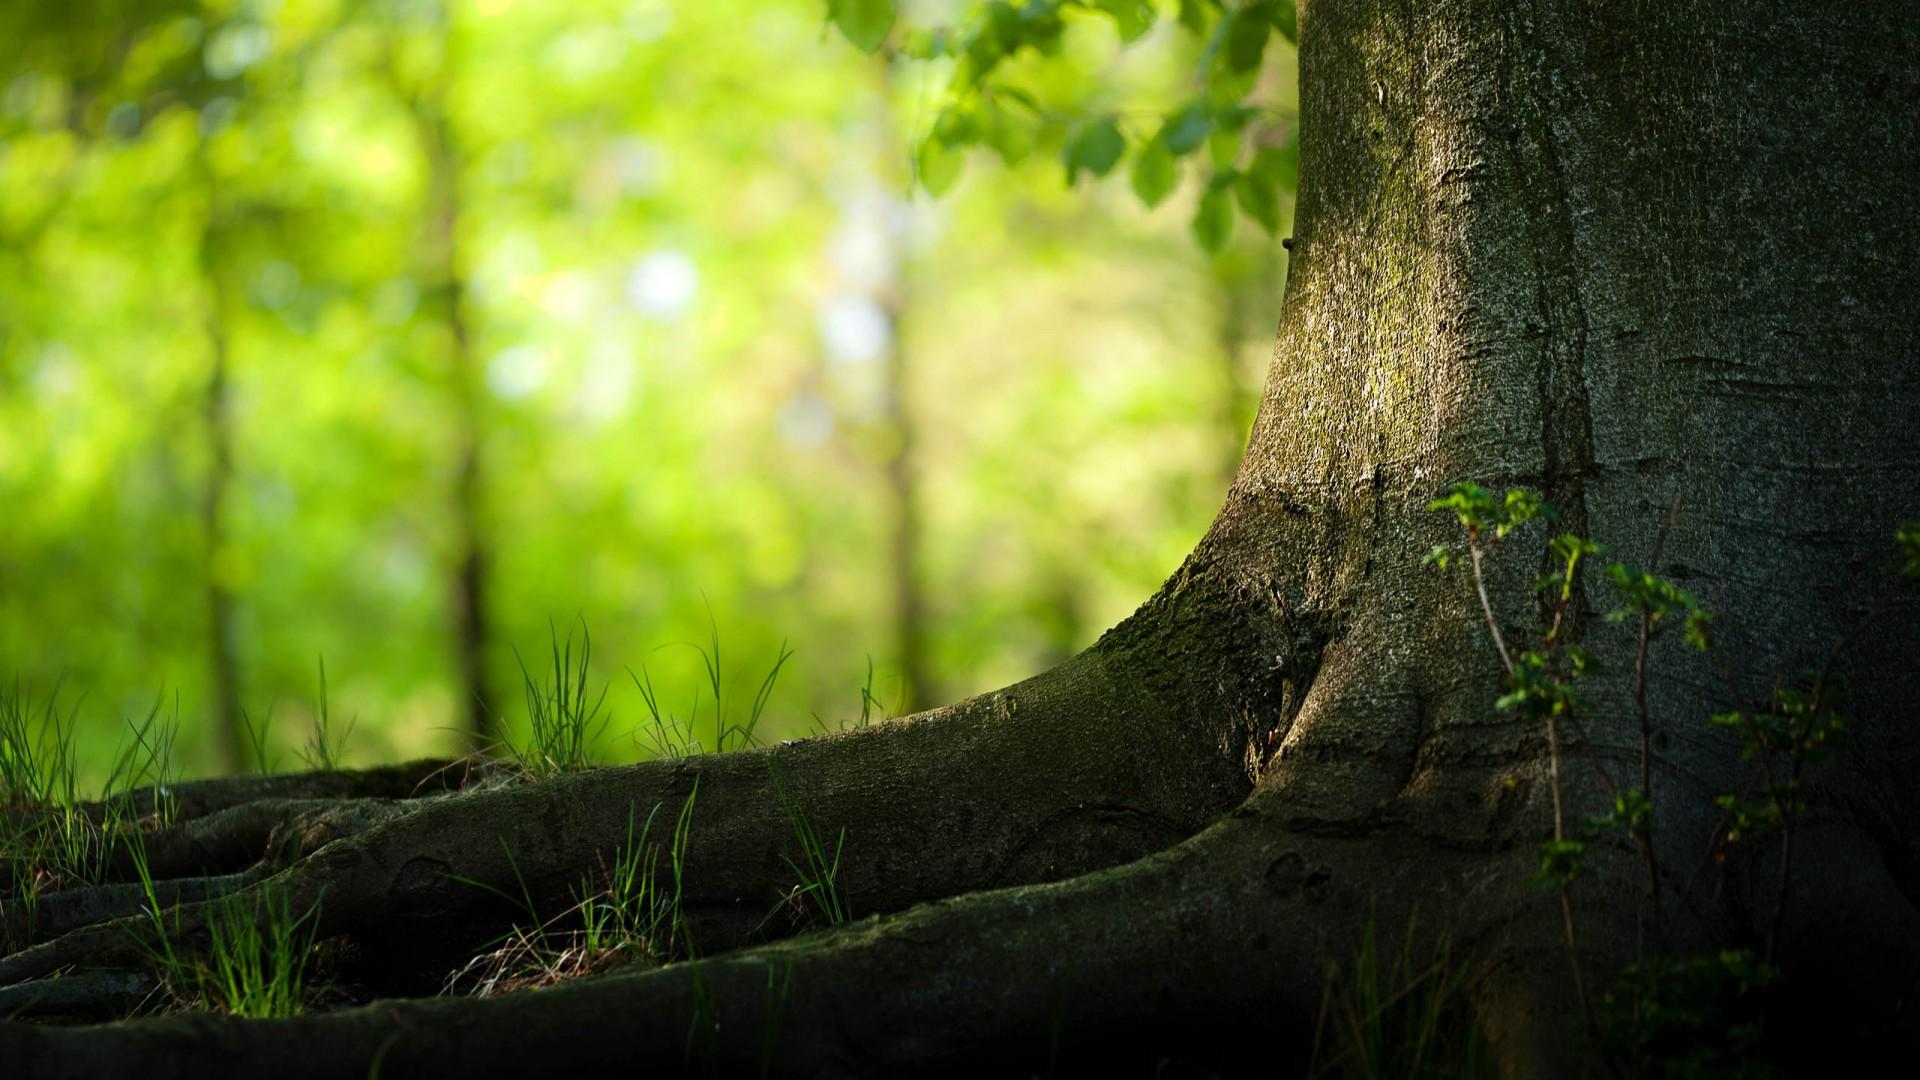 Fondos de pantalla de paisajes naturales23